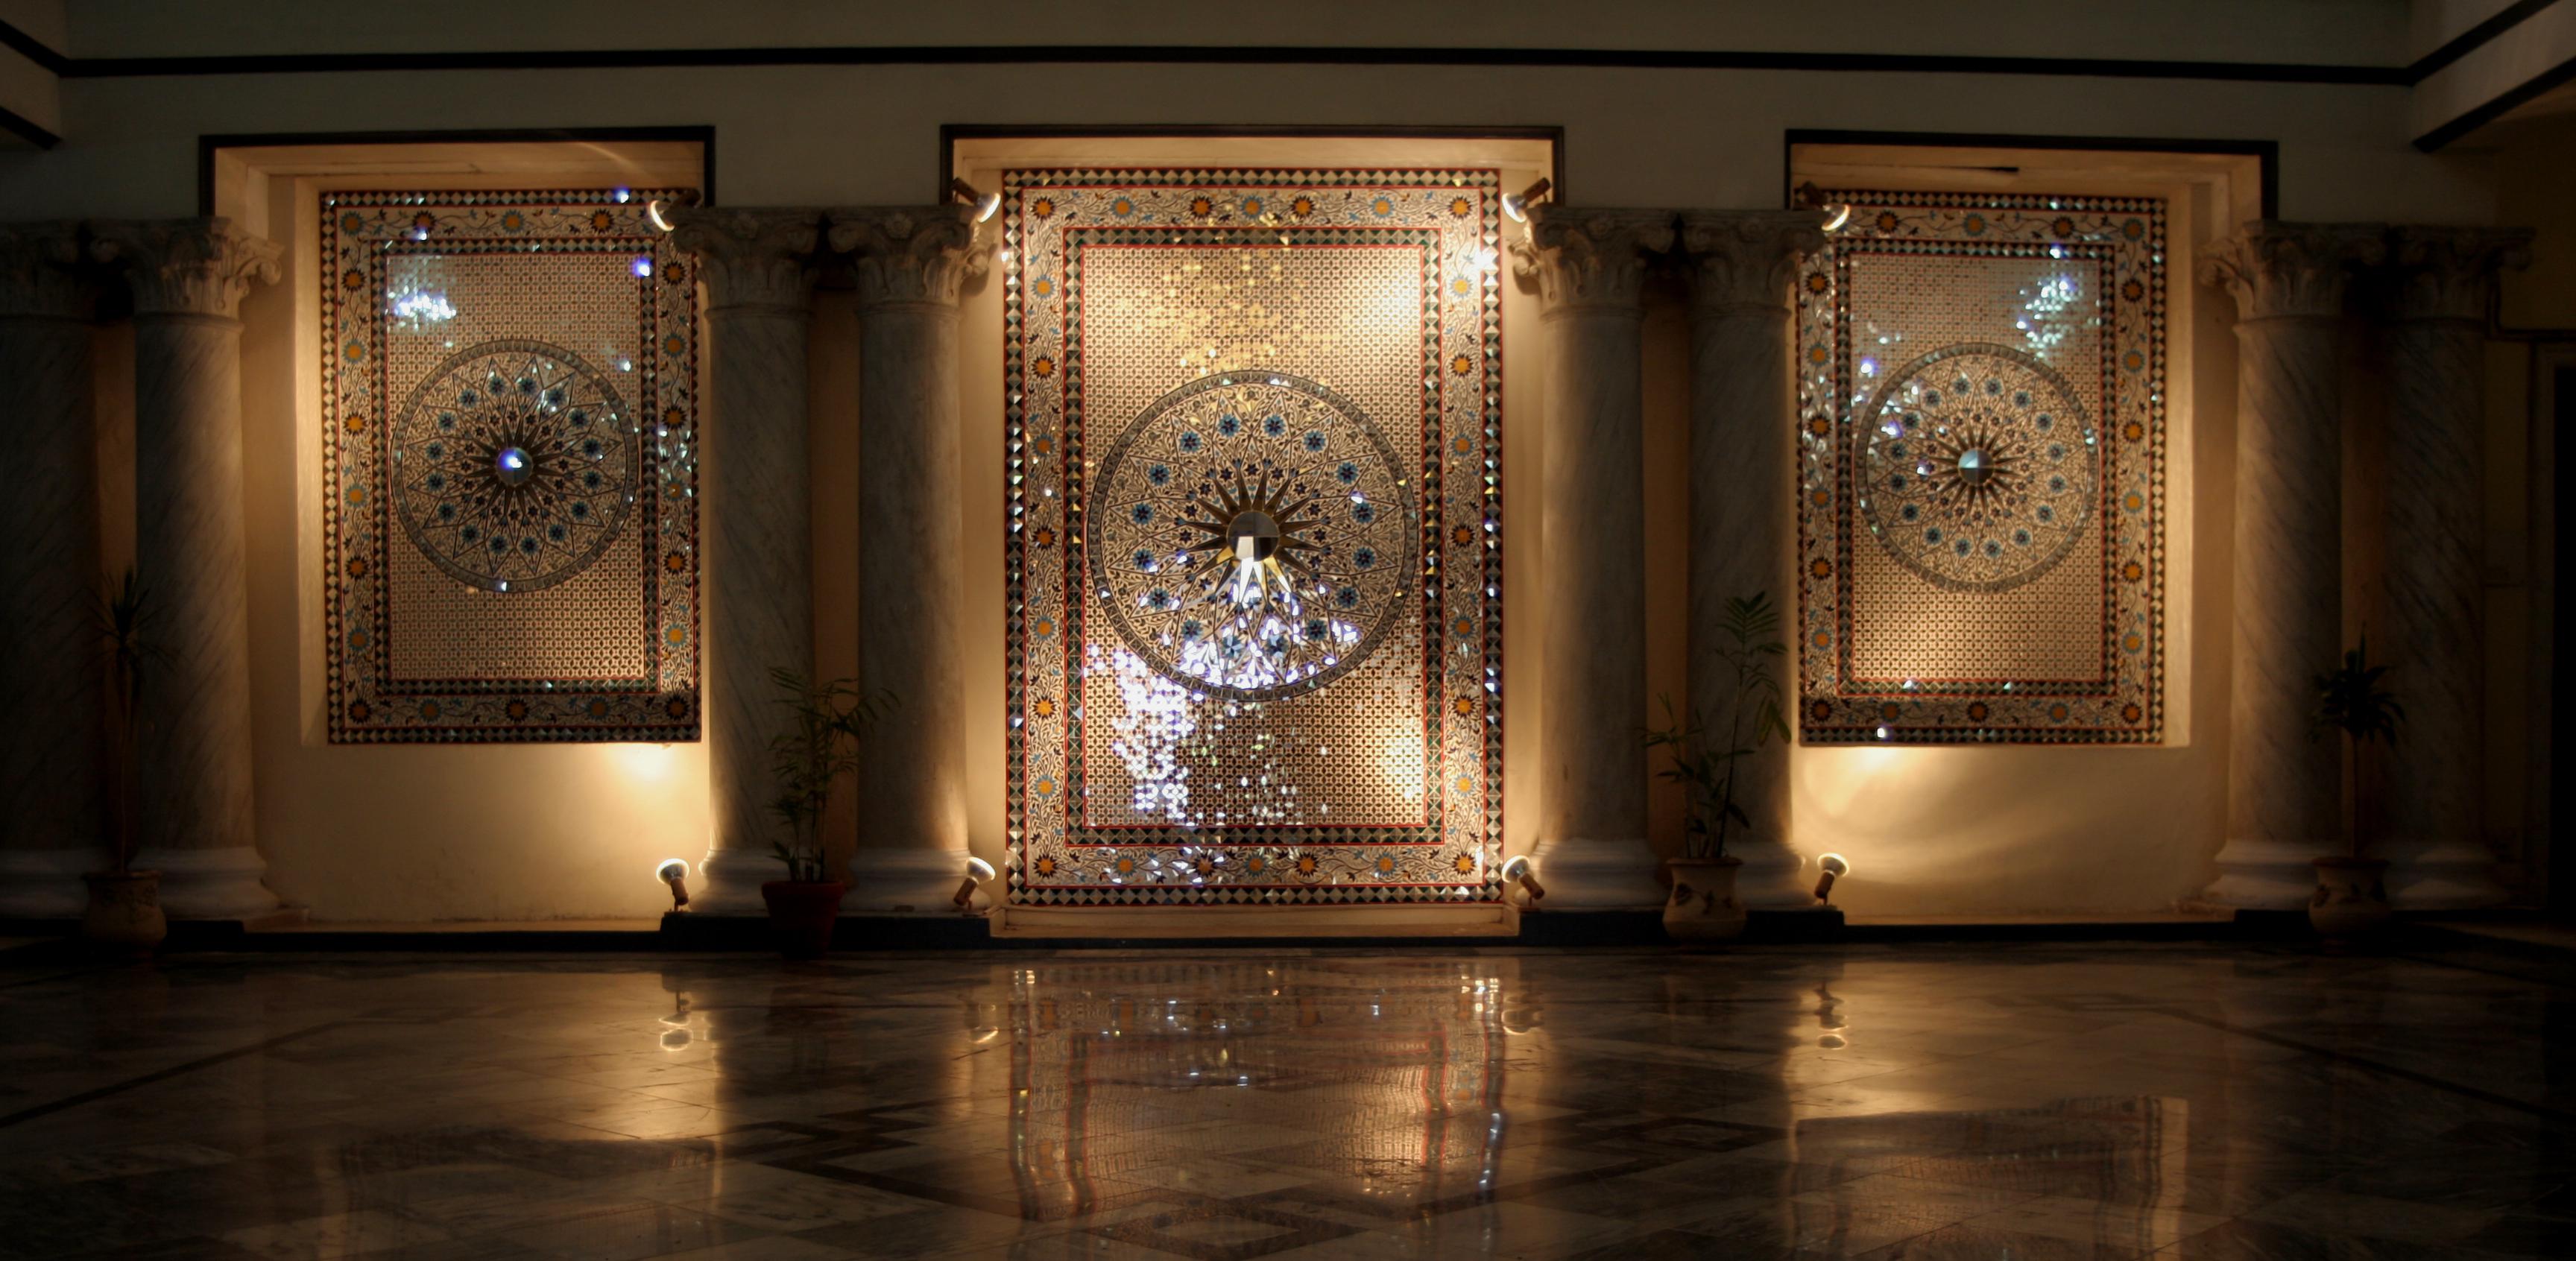 file noor mehal interior jpg wikimedia commons